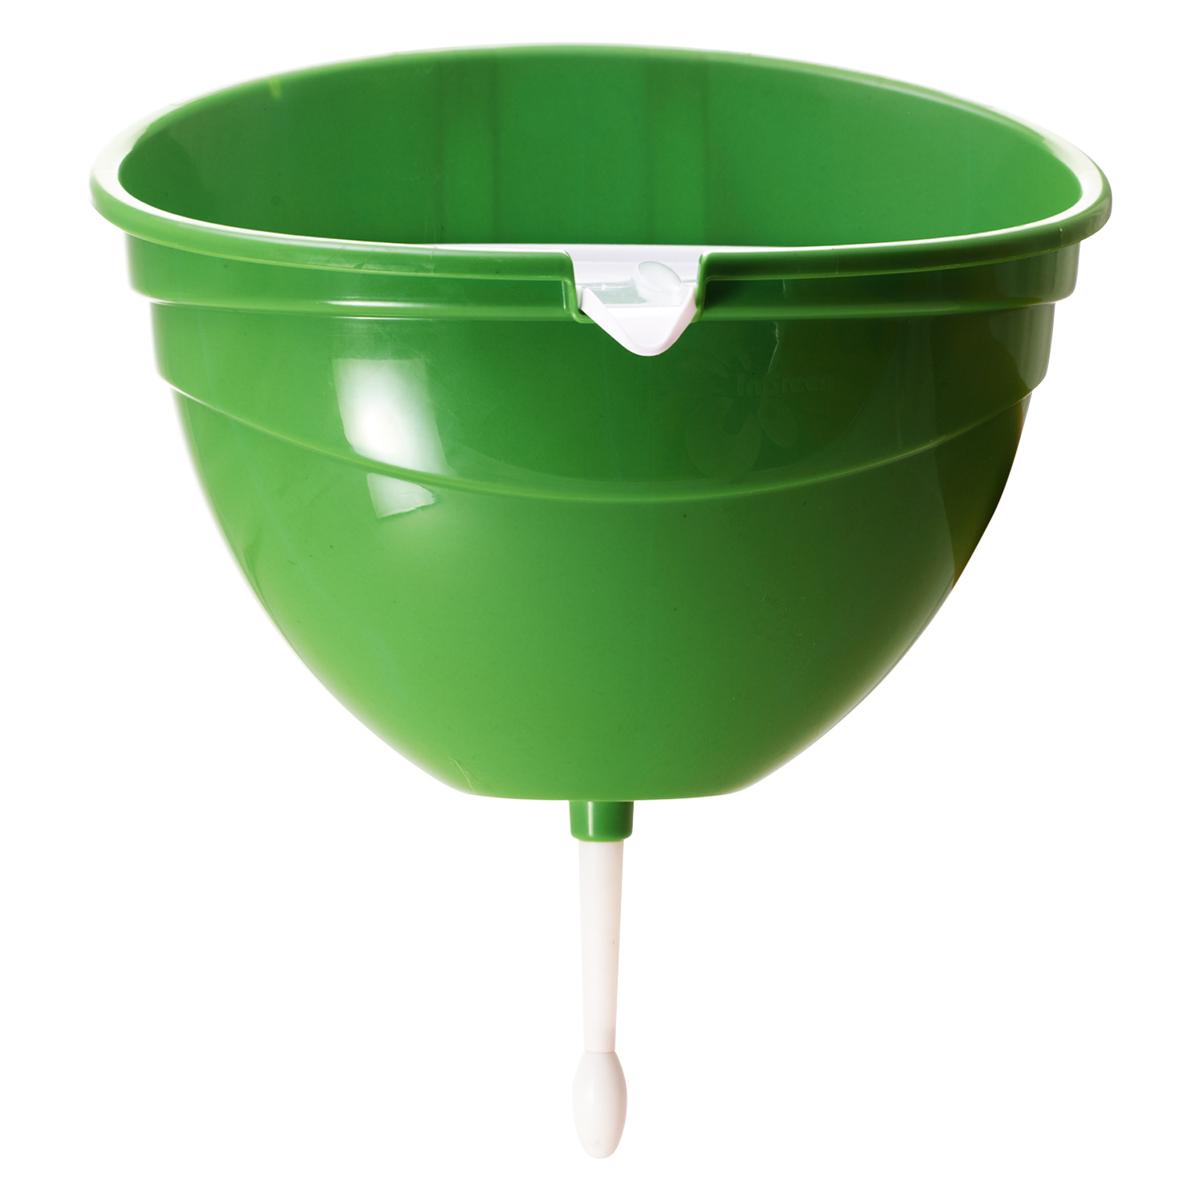 Рукомойник InGreen, цвет: салатовый, 4 лING30004FСЛСовременный и стильный рукомойник InGreen предназначендля дачи. Выполнен из высококачественного пластика ивыдерживает отрицательные температуры (до -25 градусов), чтопозволяет ему спокойно пережидать зиму на улице. Крышкарукомойника расположена под небольшим углом и имеетспециальный носик для слива дождевой воды, а такжерифленую поверхность для удобного расположения мыла.Затвор плотно прилегает ко дну рукомойника, чтопредотвращает протекания воды. Размер рукомойника: 31,5 х 24,5 х 37 см. Объем рукомойника: 4 л.